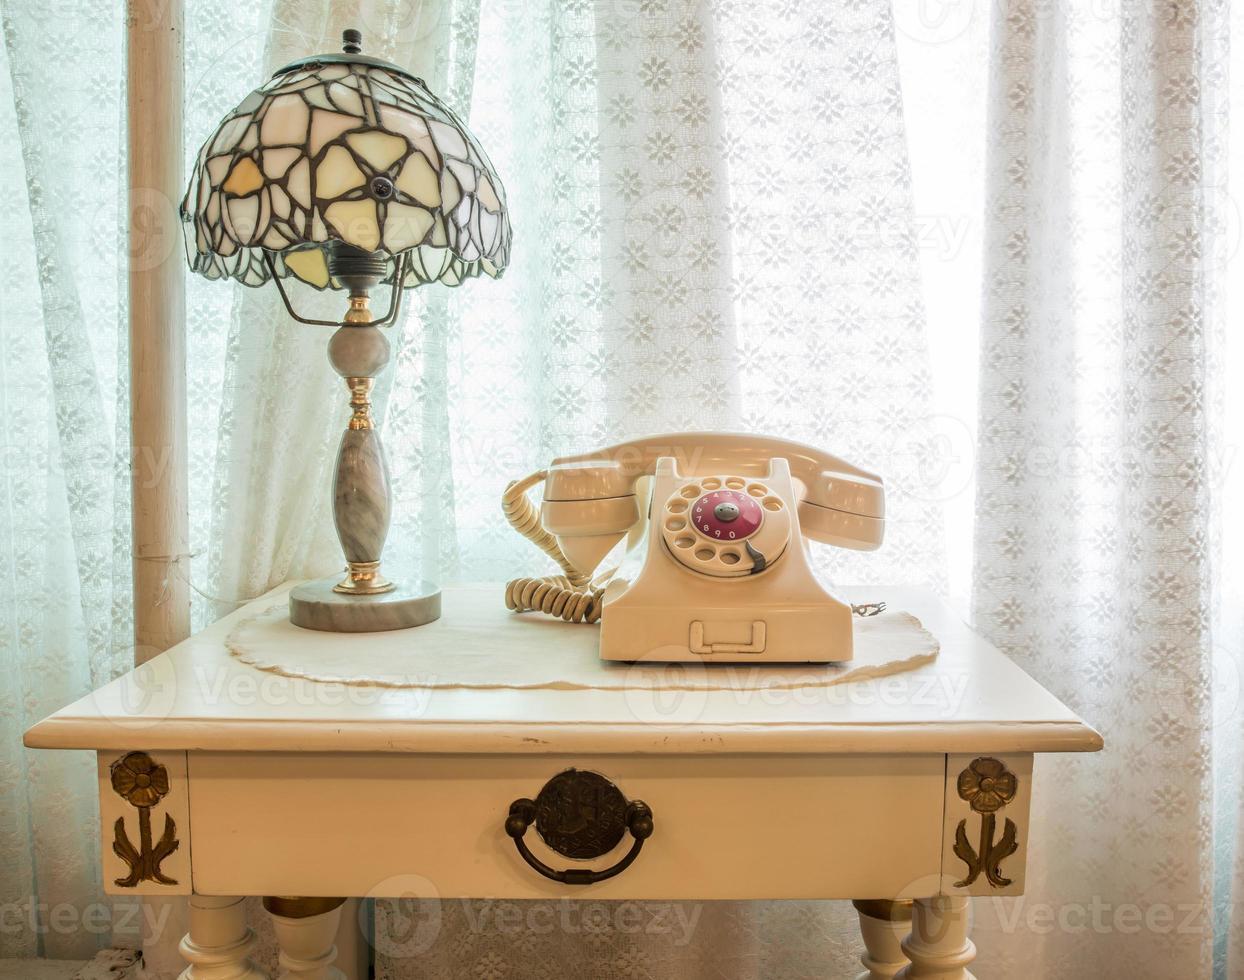 Teléfono retro con lámpara vintage en mesa de madera junto a la ventana. foto